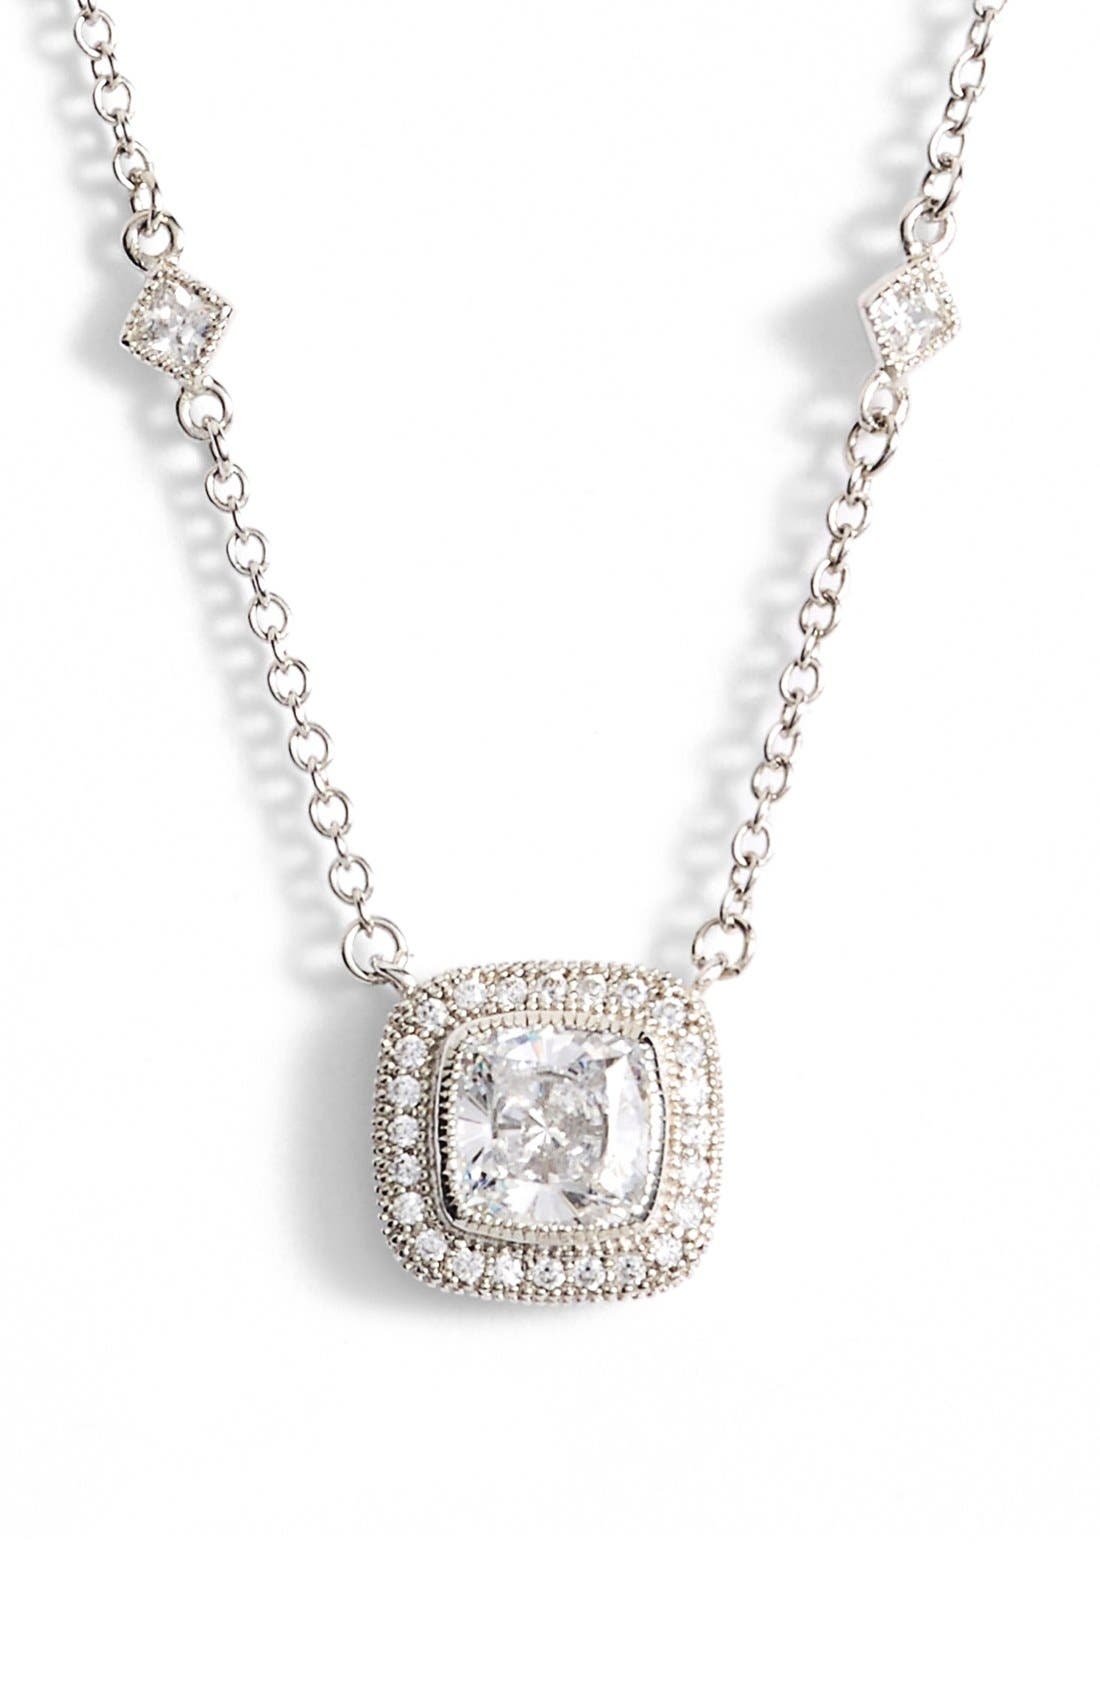 Image of LaFonn Lassaire CZ Pendant Necklace